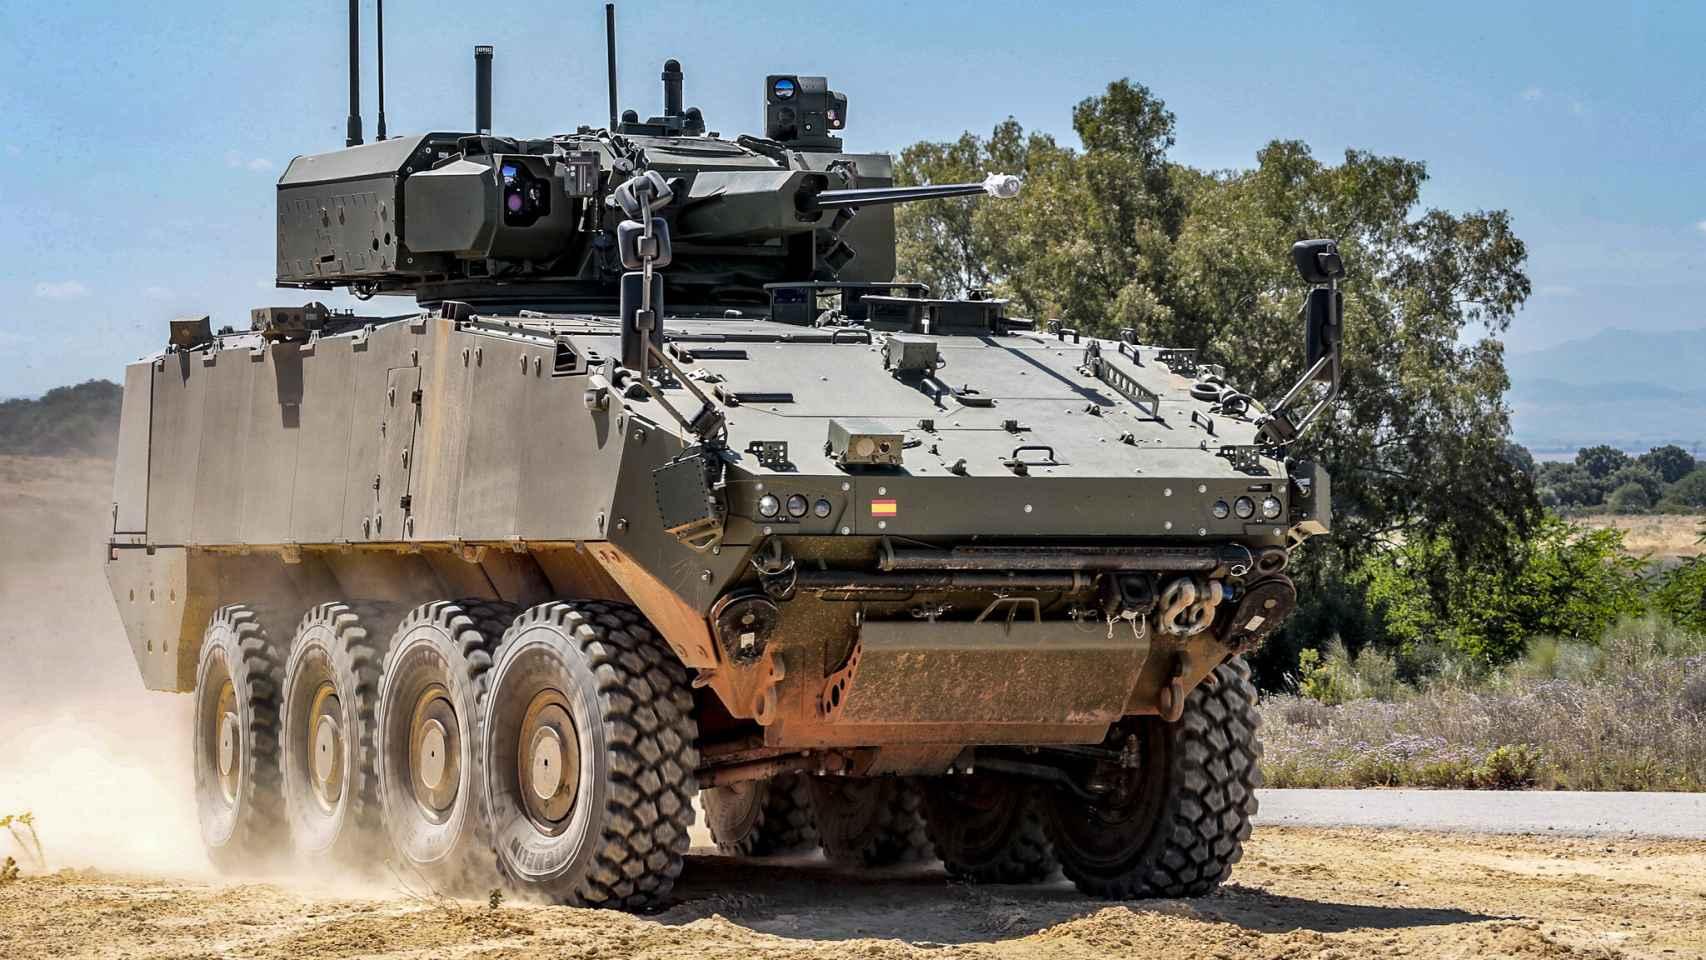 Dragón, el próximo blindado de España: misiles Spike, cañón de 30 mm y 100 km/h  569704351_176807182_1706x960